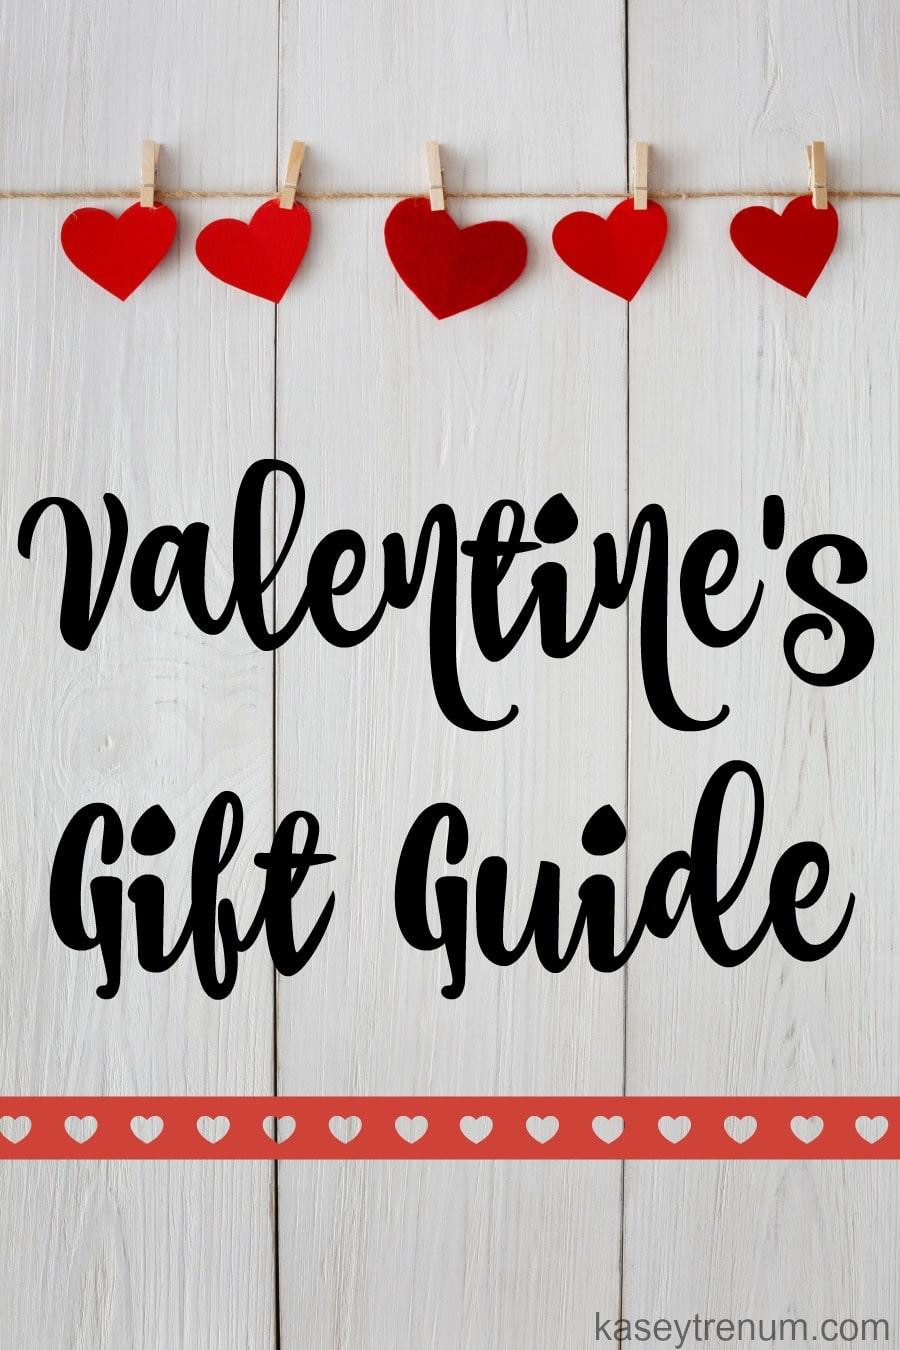 Valentinegiftguide